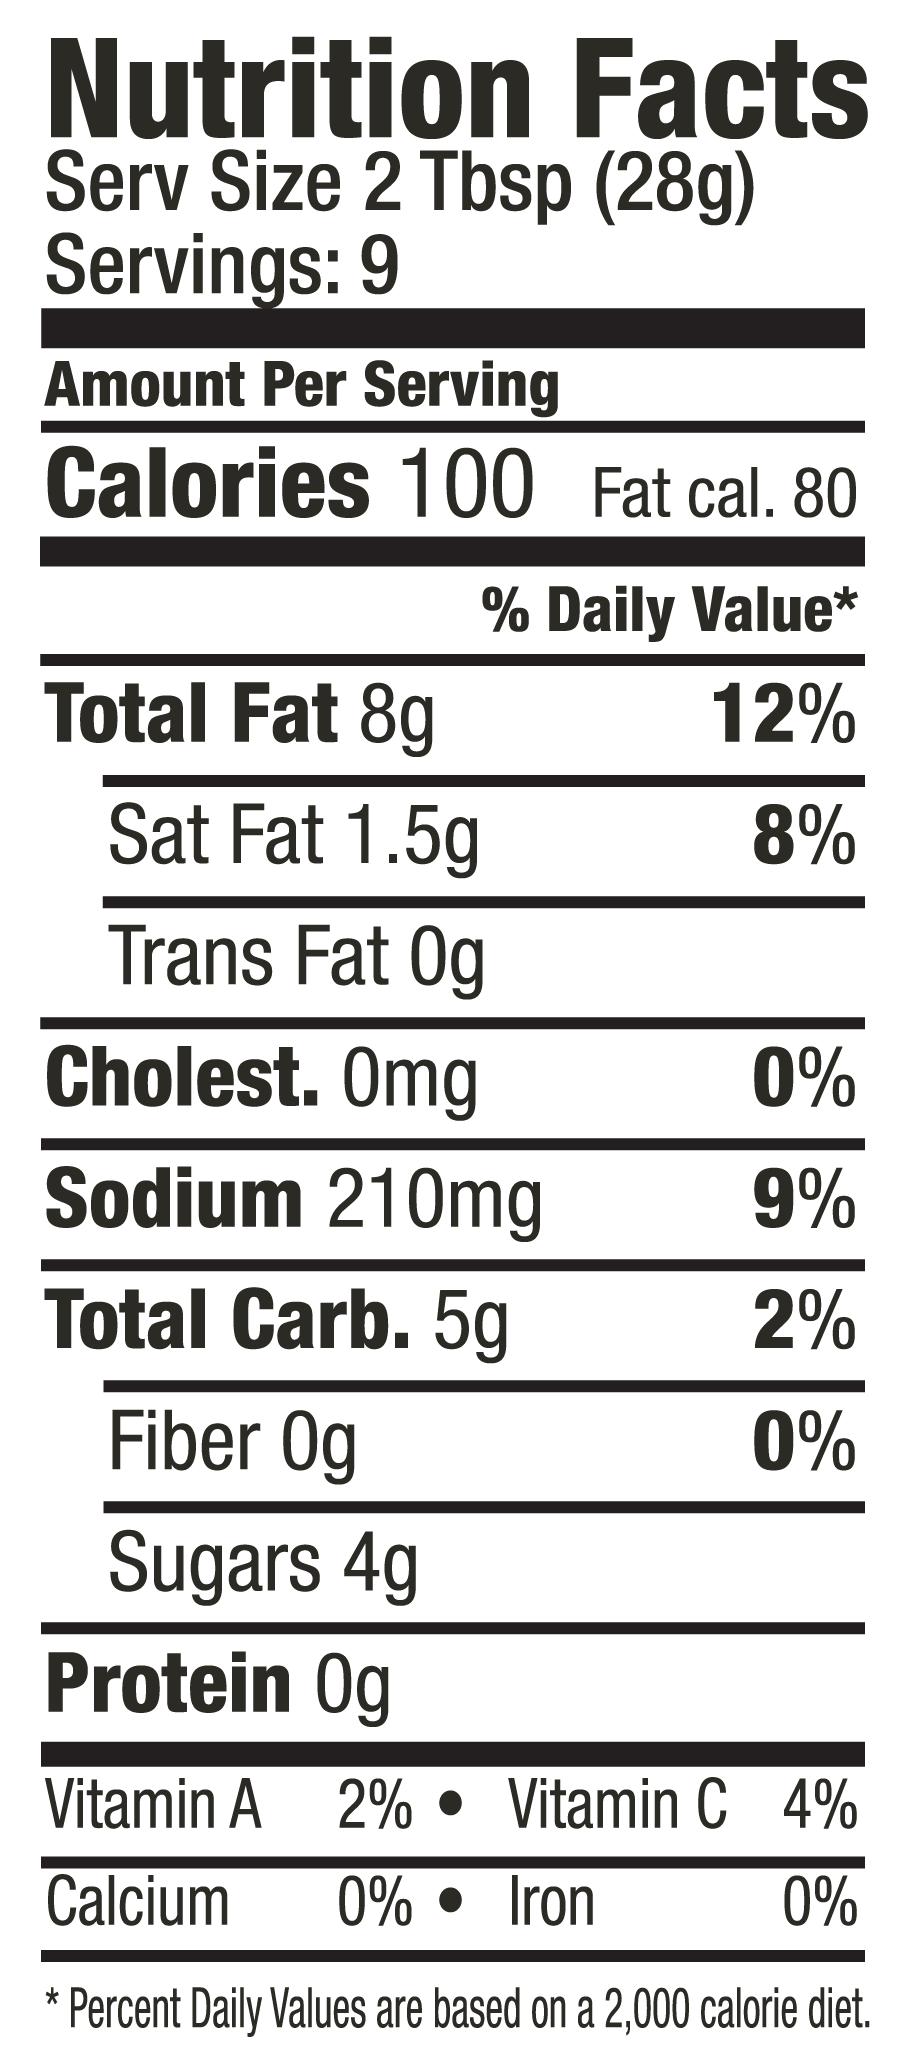 NutritionalFacts_OrangeGinger_2018.png